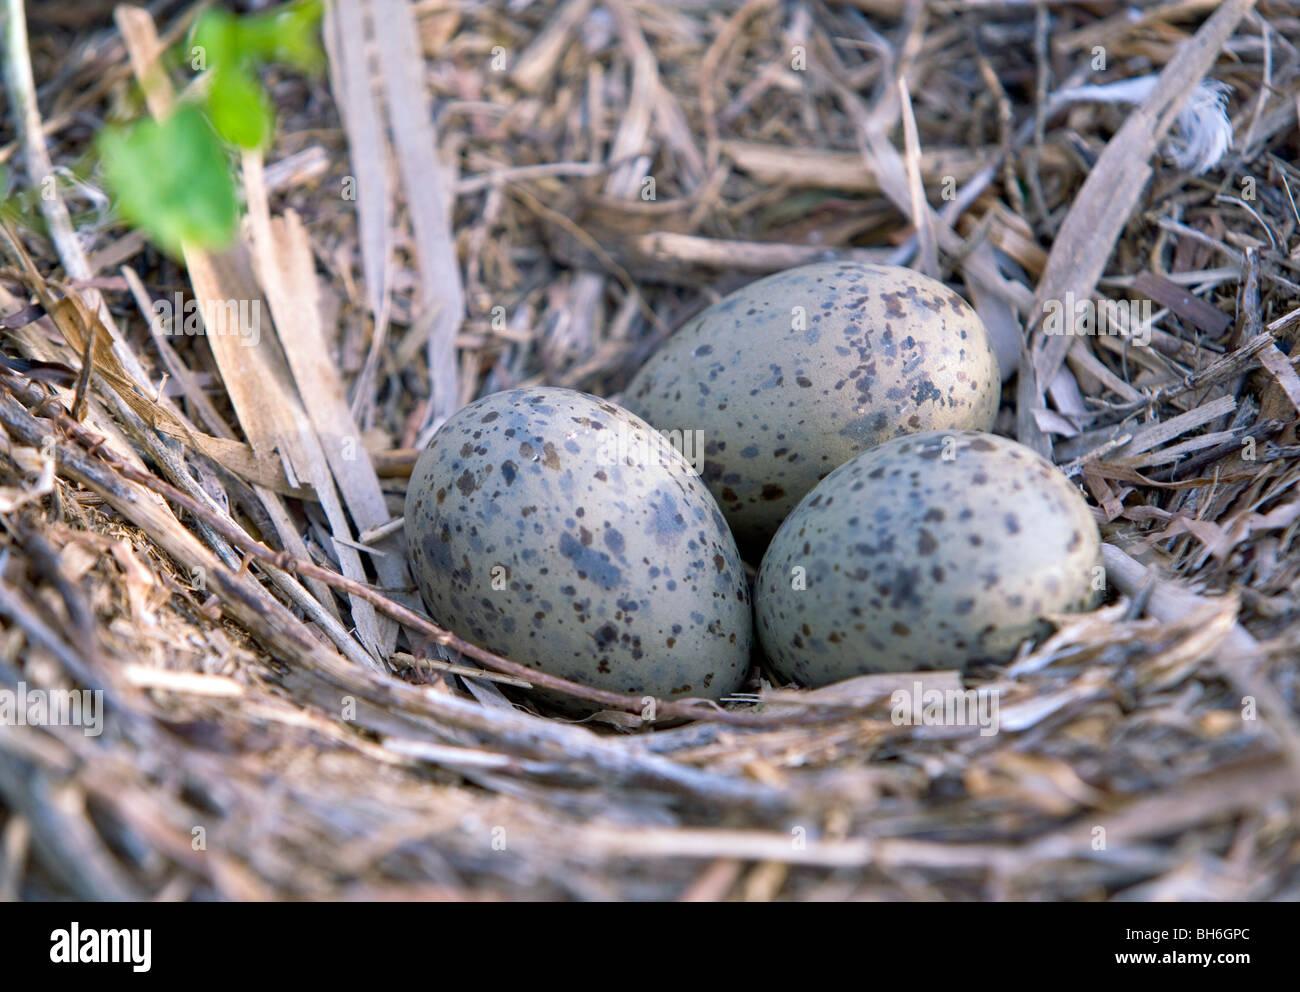 Silbermöwe Eiern auf dem Nest. Stockbild